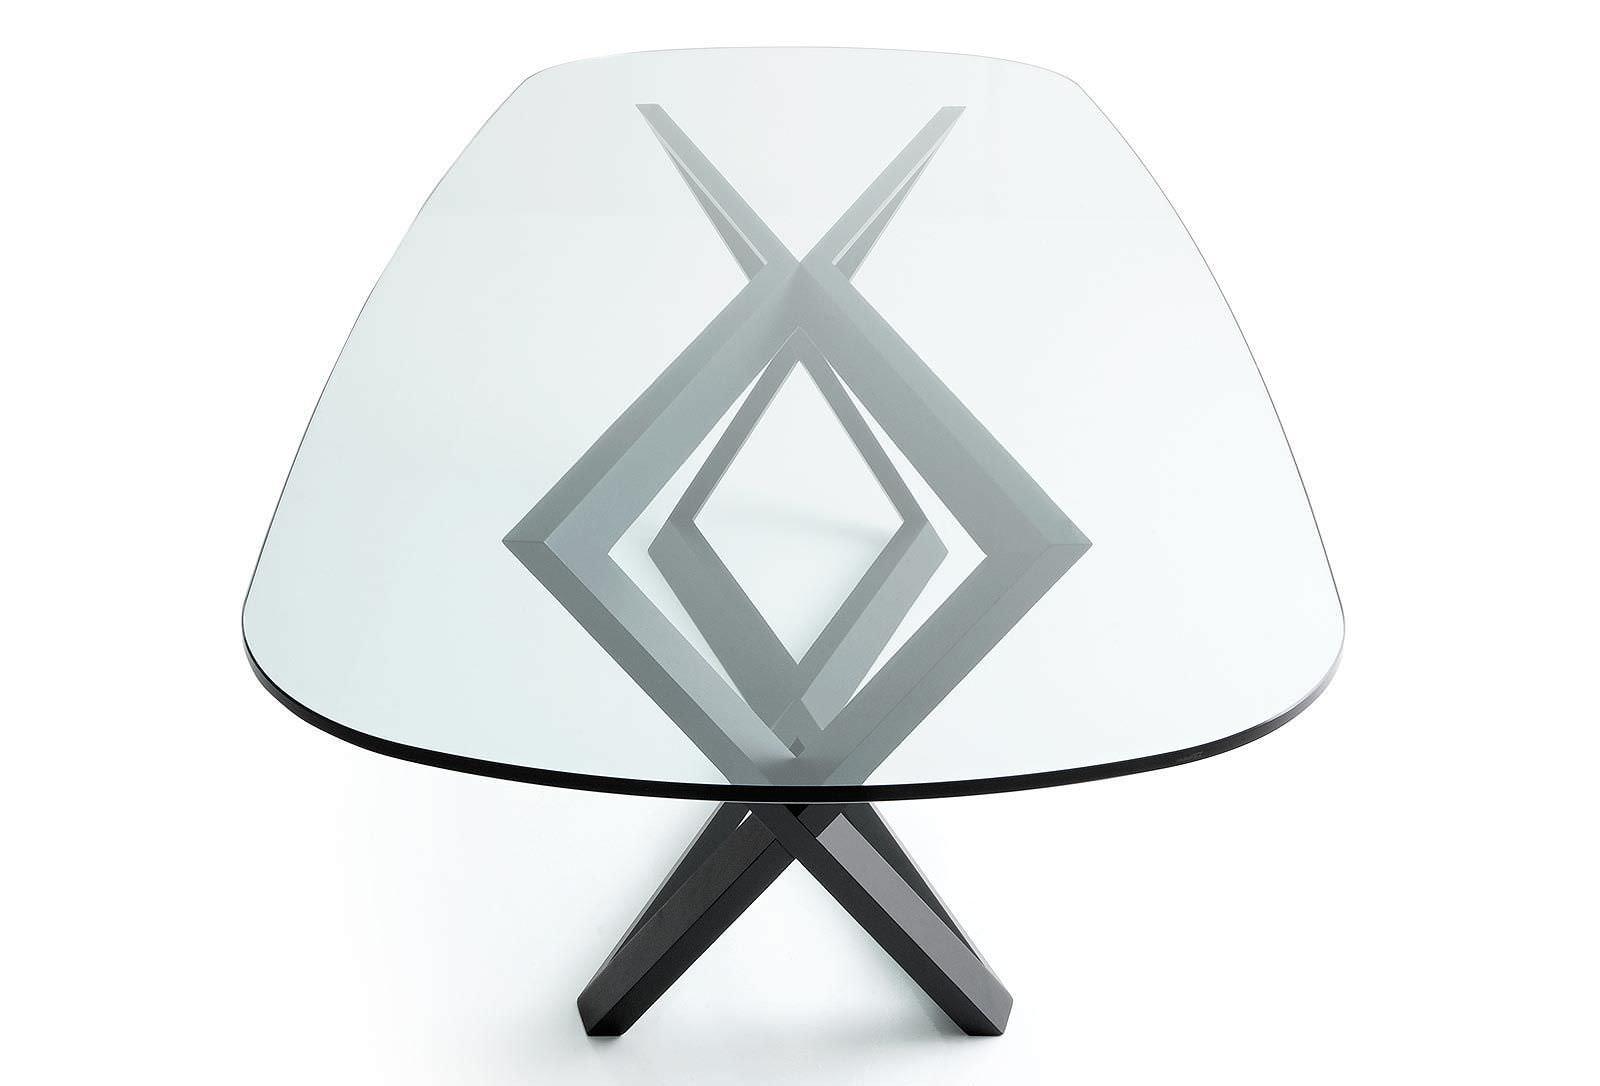 Tavolo moderno / in vetro / in quercia / ovale - BRIDGET by Marco ...